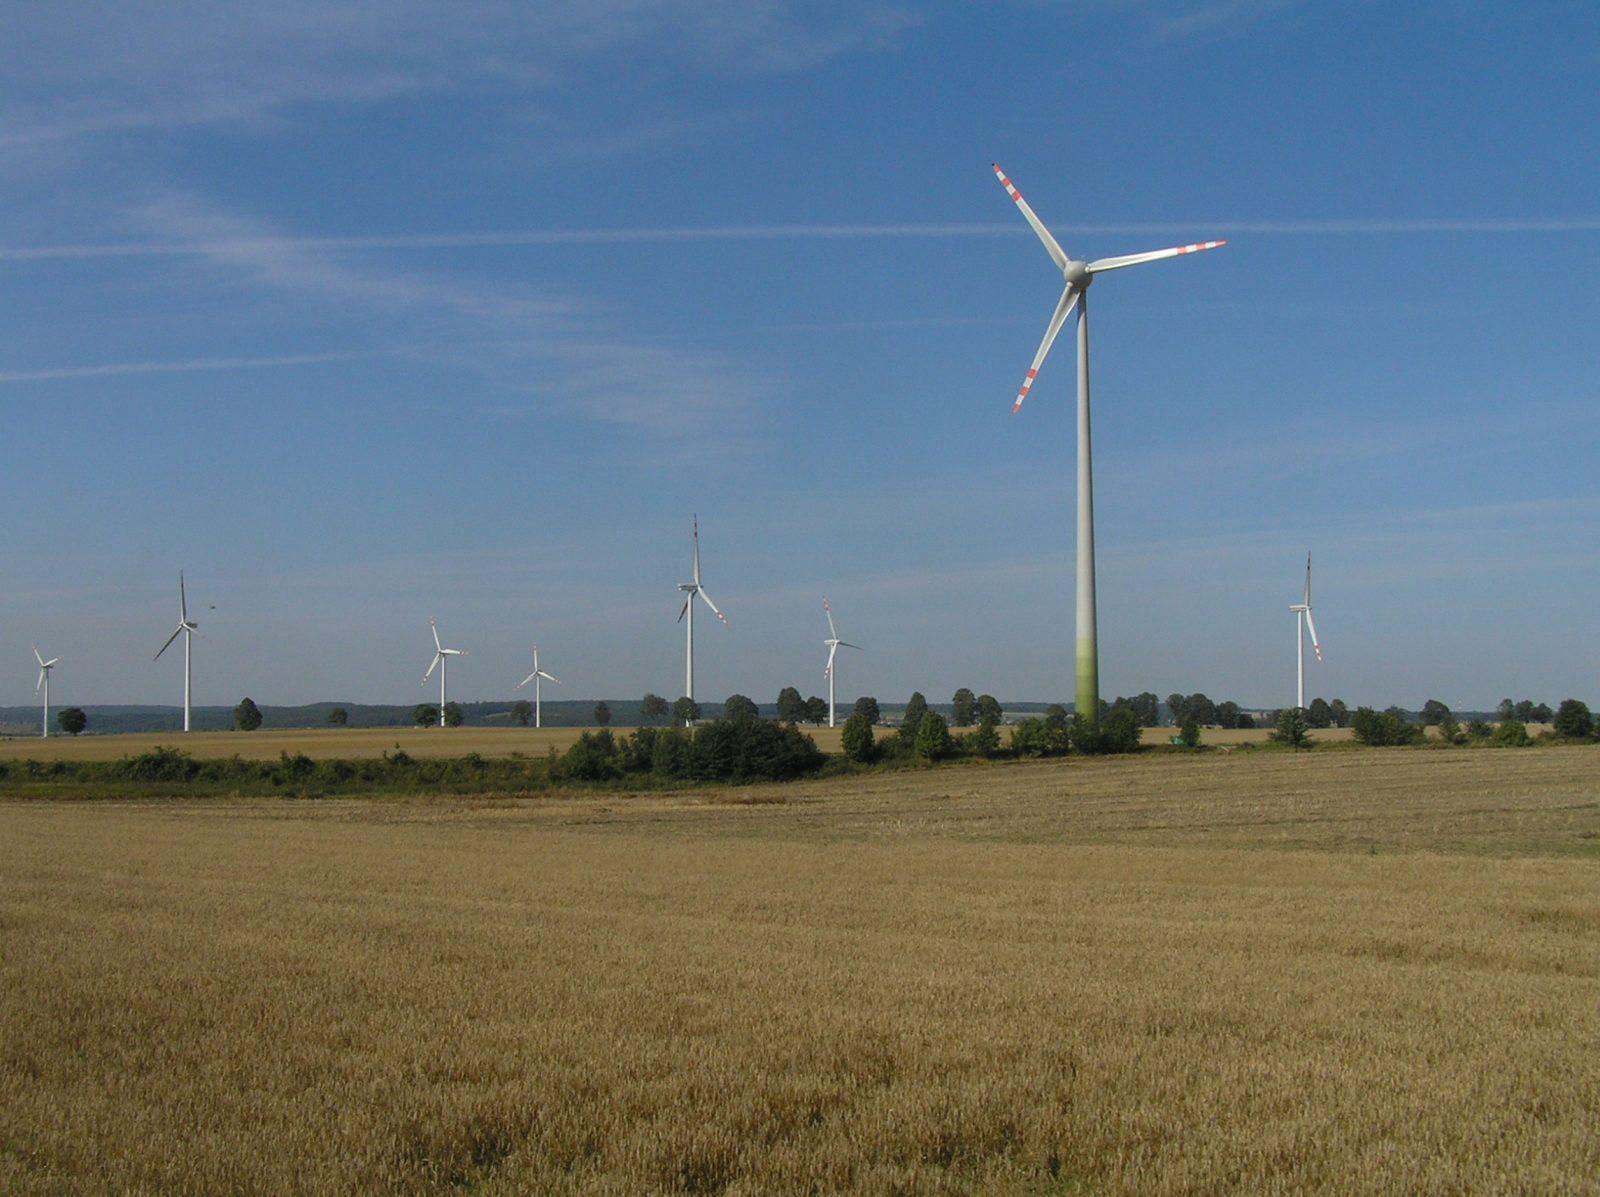 Elektrownia wiatrowa w Gnieżdżewie | fot. kkic (Wikimedia Commons) | lic. CC-BY-2.5